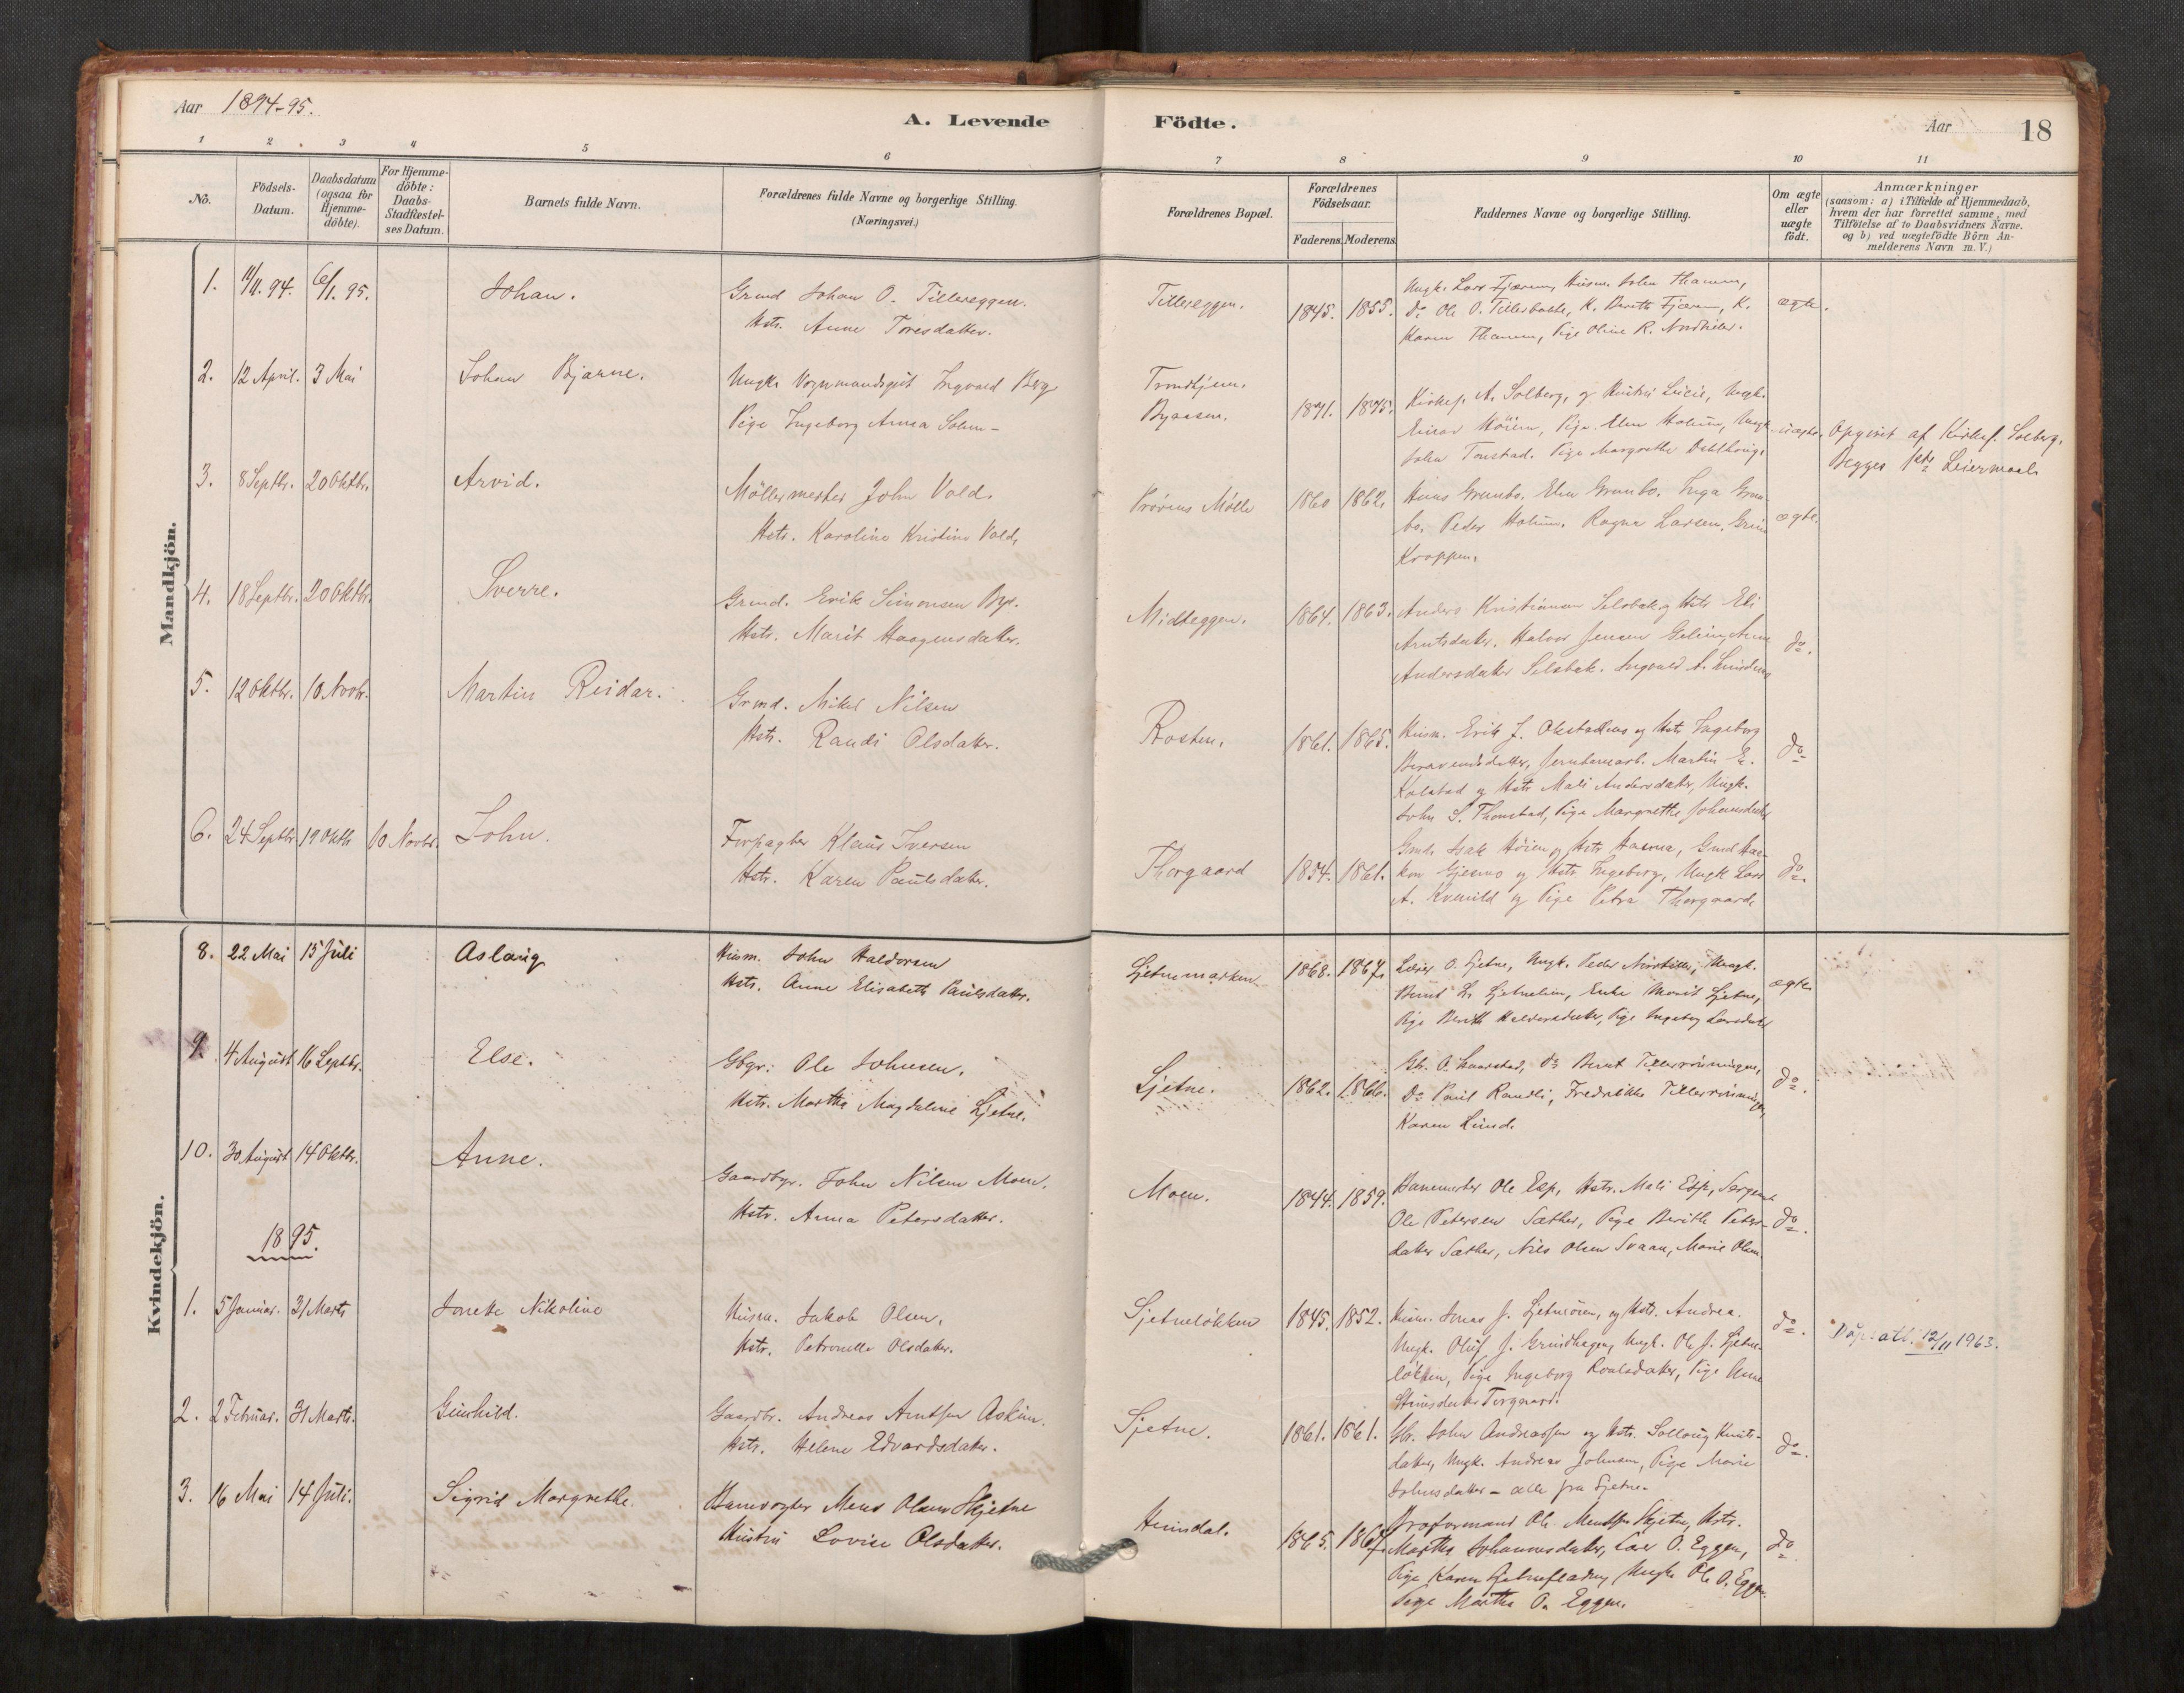 SAT, Klæbu sokneprestkontor, Parish register (official) no. 1, 1880-1900, p. 18